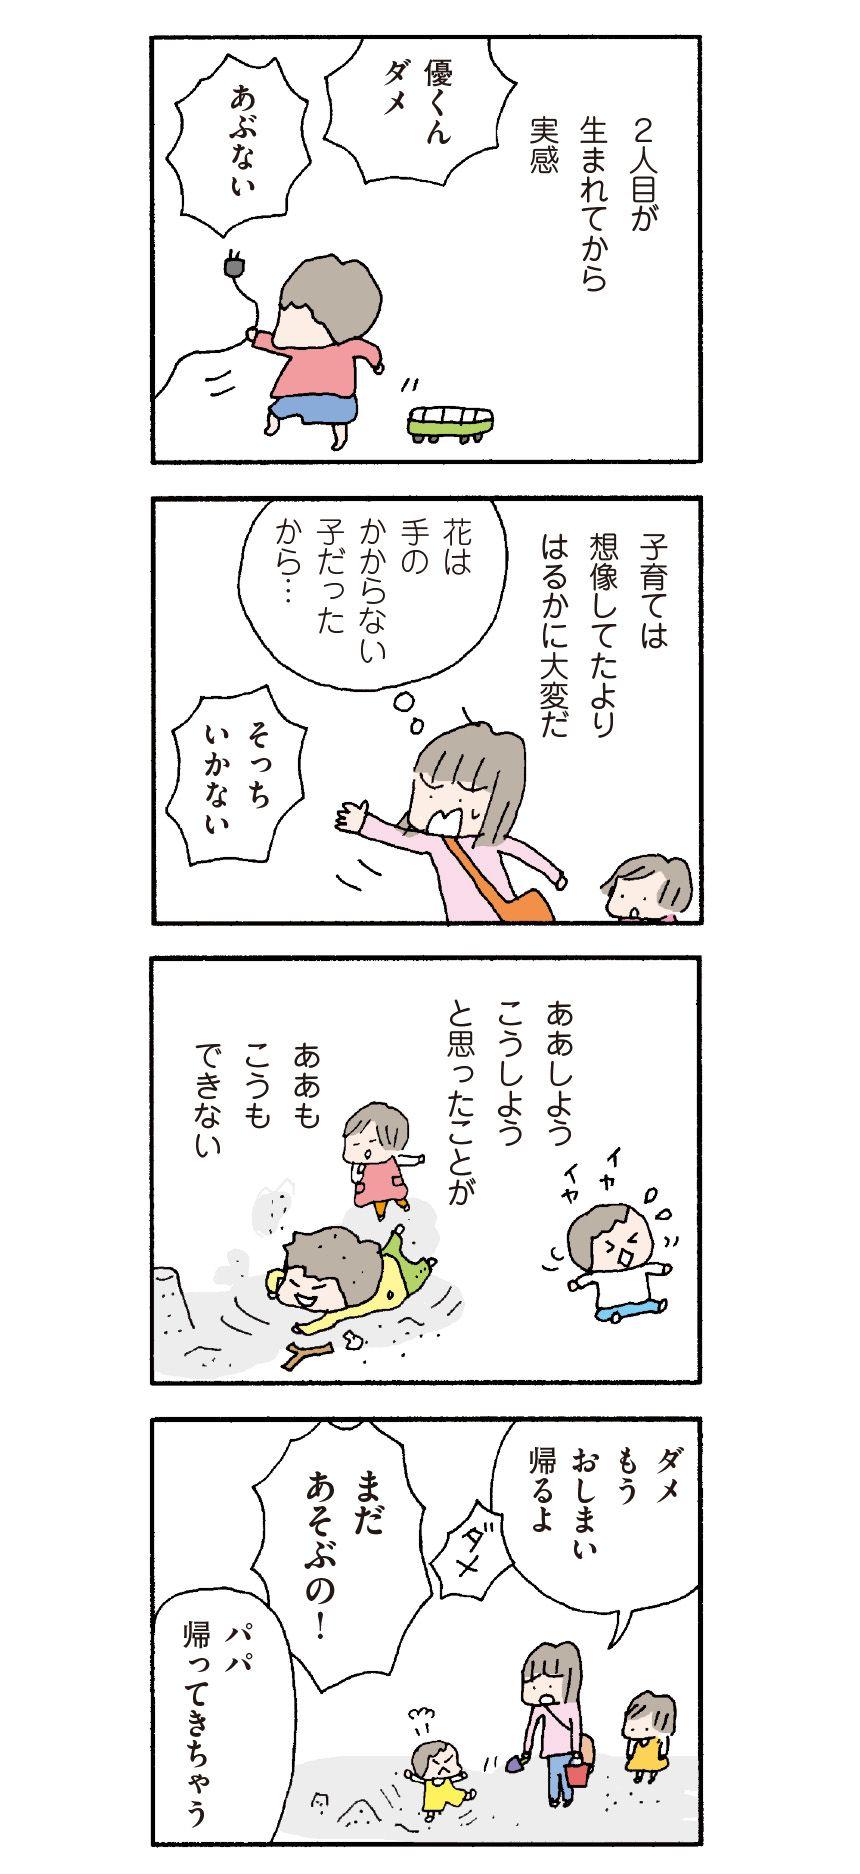 離婚 し て も いい です か 翔子 の 場合 最終 回